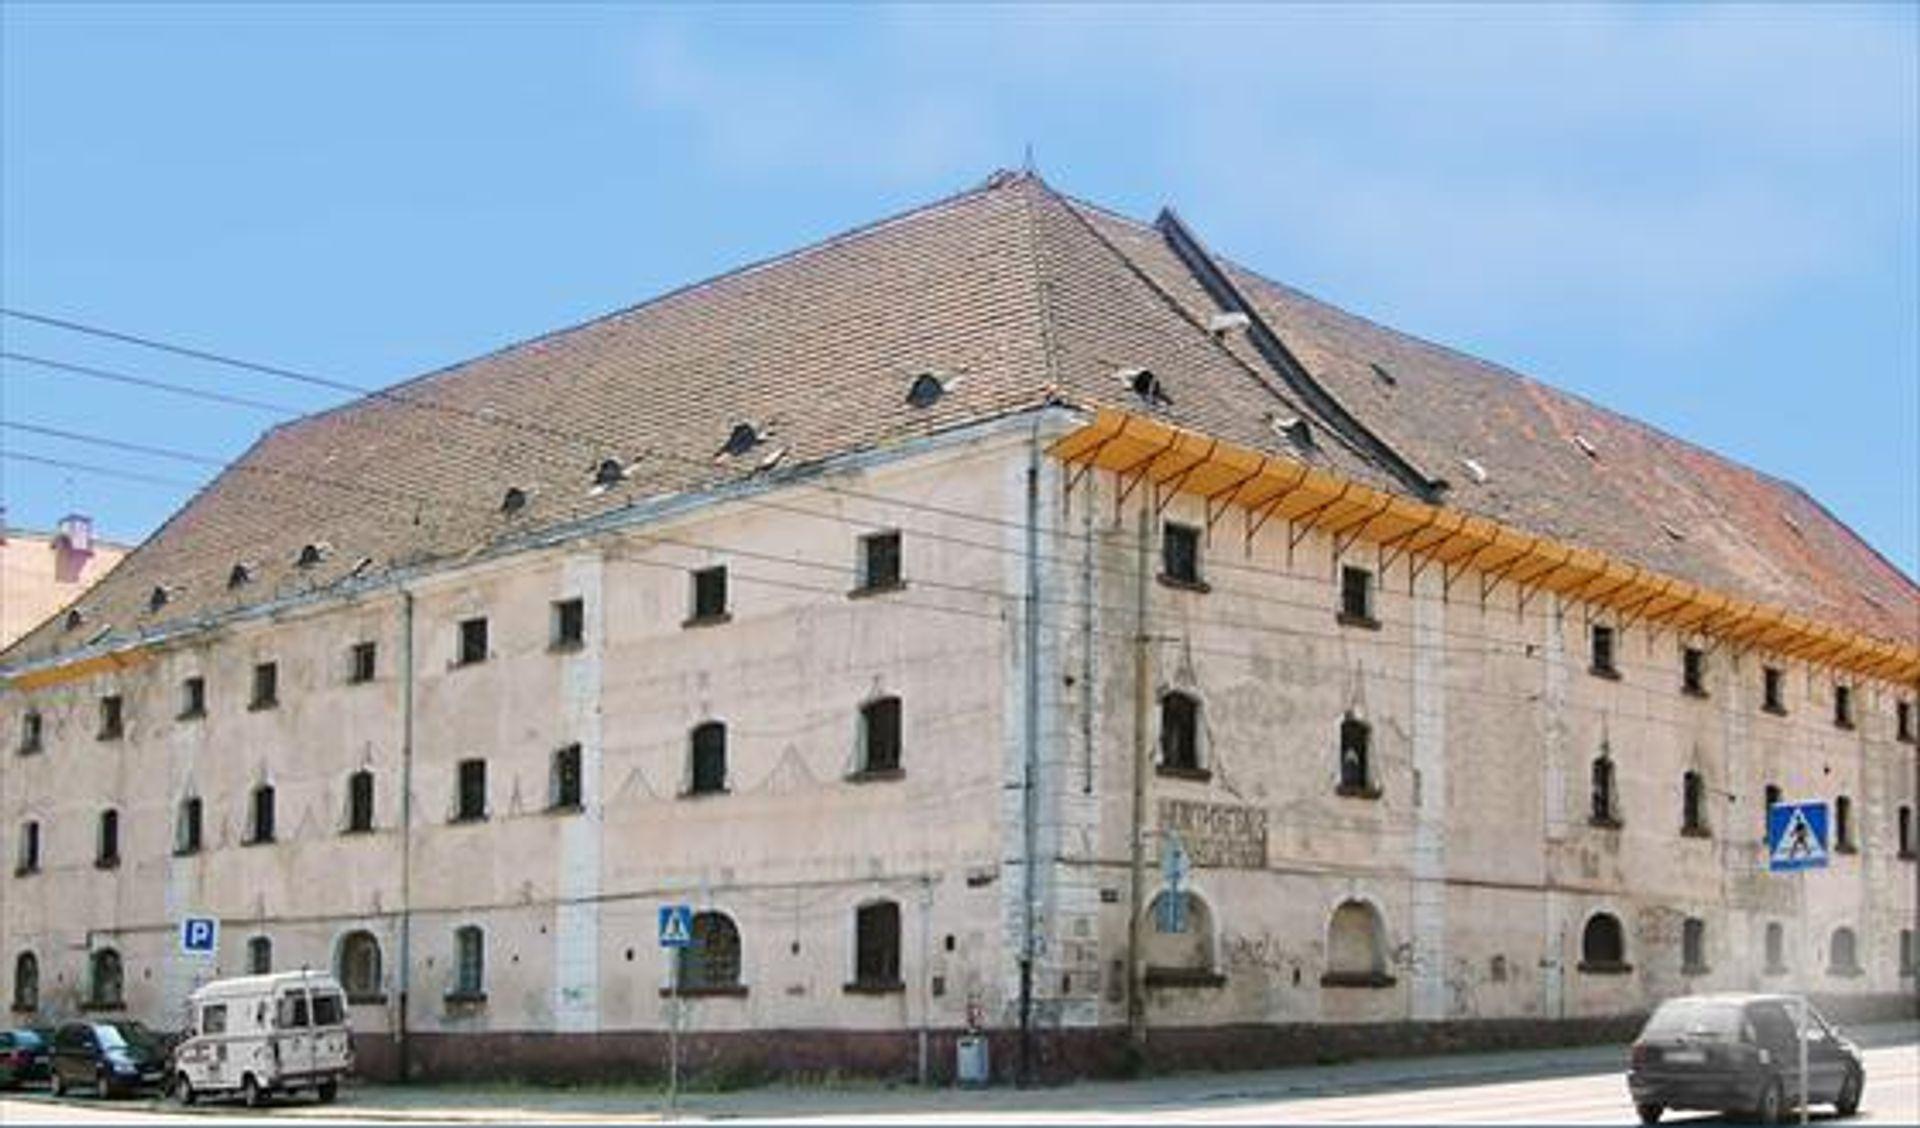 [Wrocław] Biurowiec w zabytkowym spichlerzu. A obok wyrośnie nowy budynek